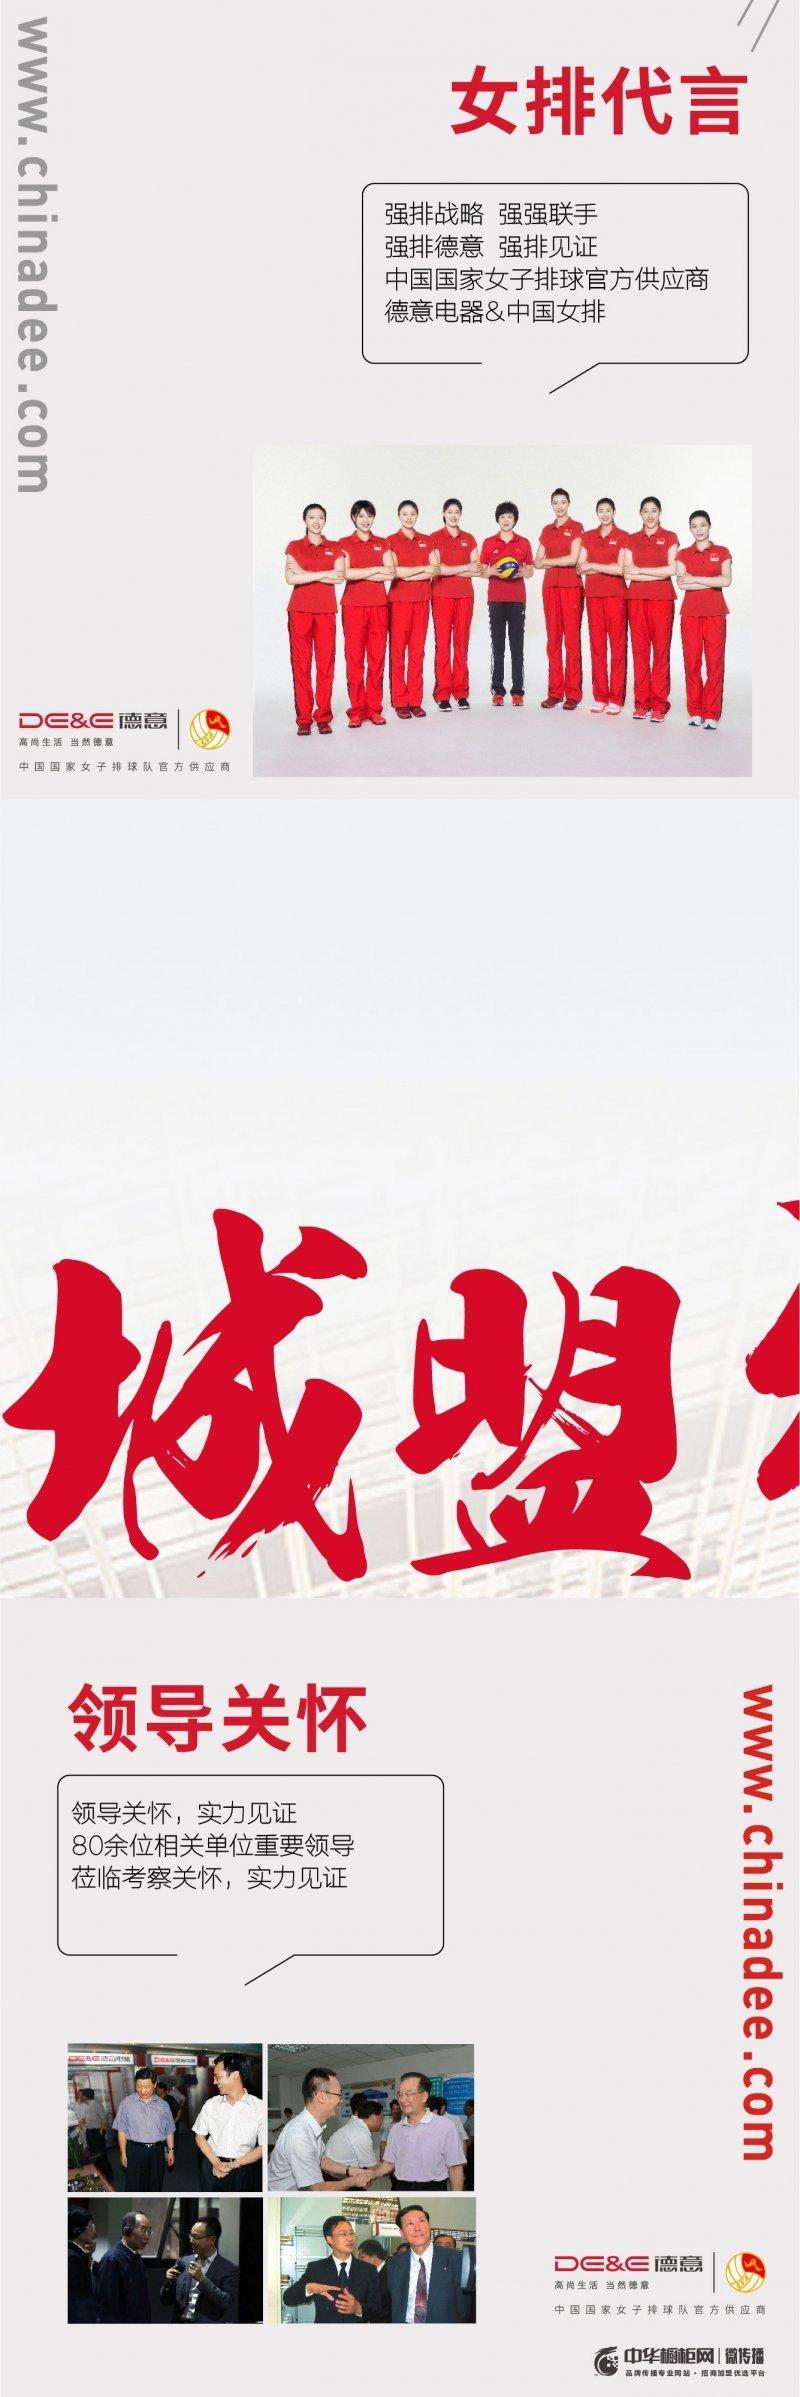 德意電器&中國女排 強強聯合